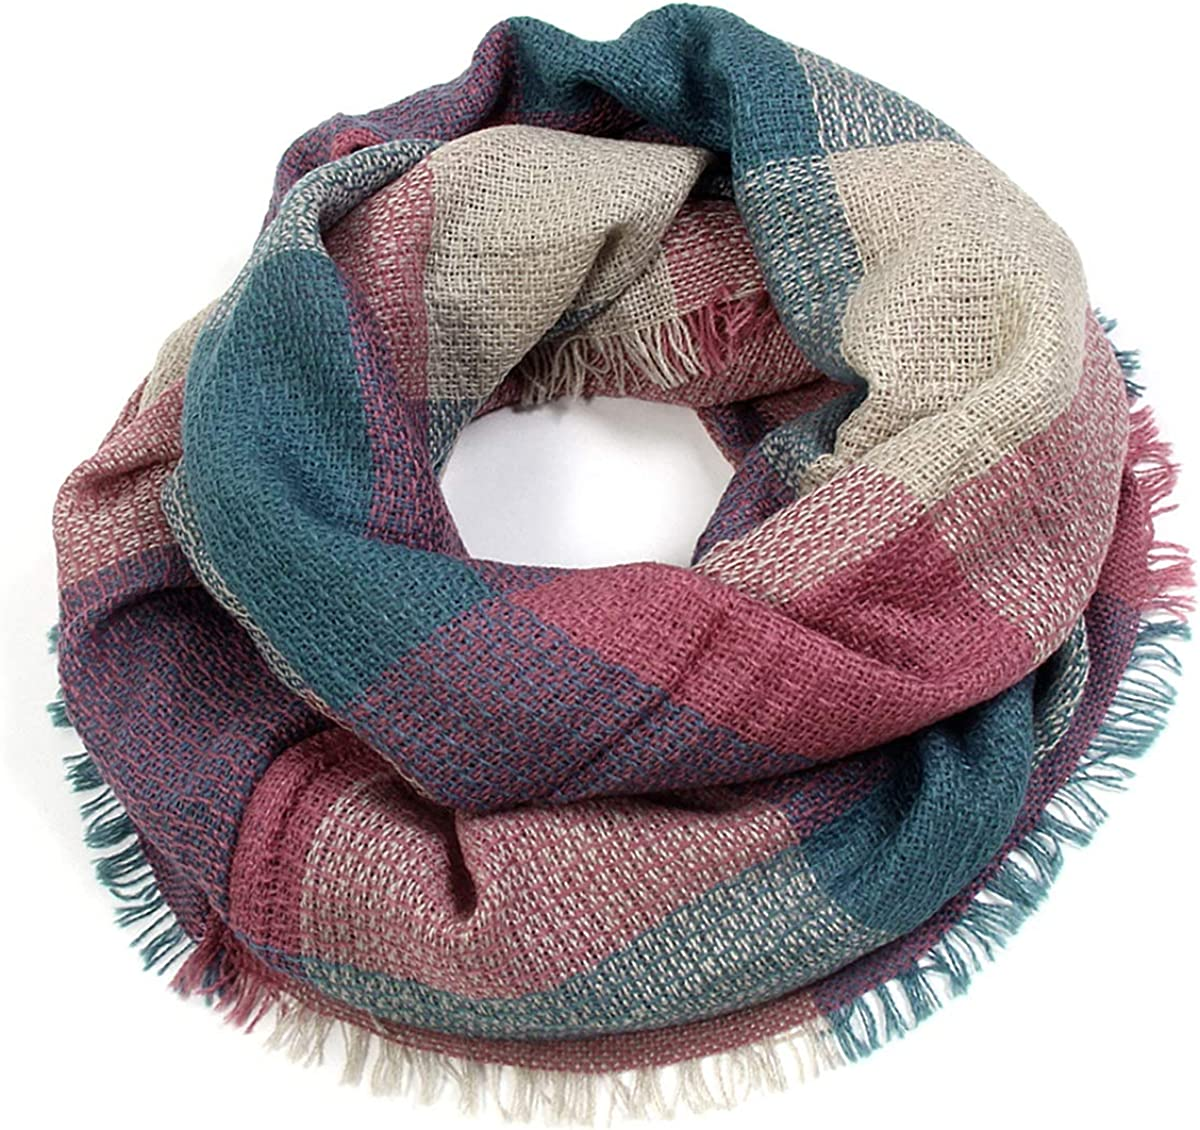 Scarfand's Plaid & Tartan Winter Infinity Scarf Wraps